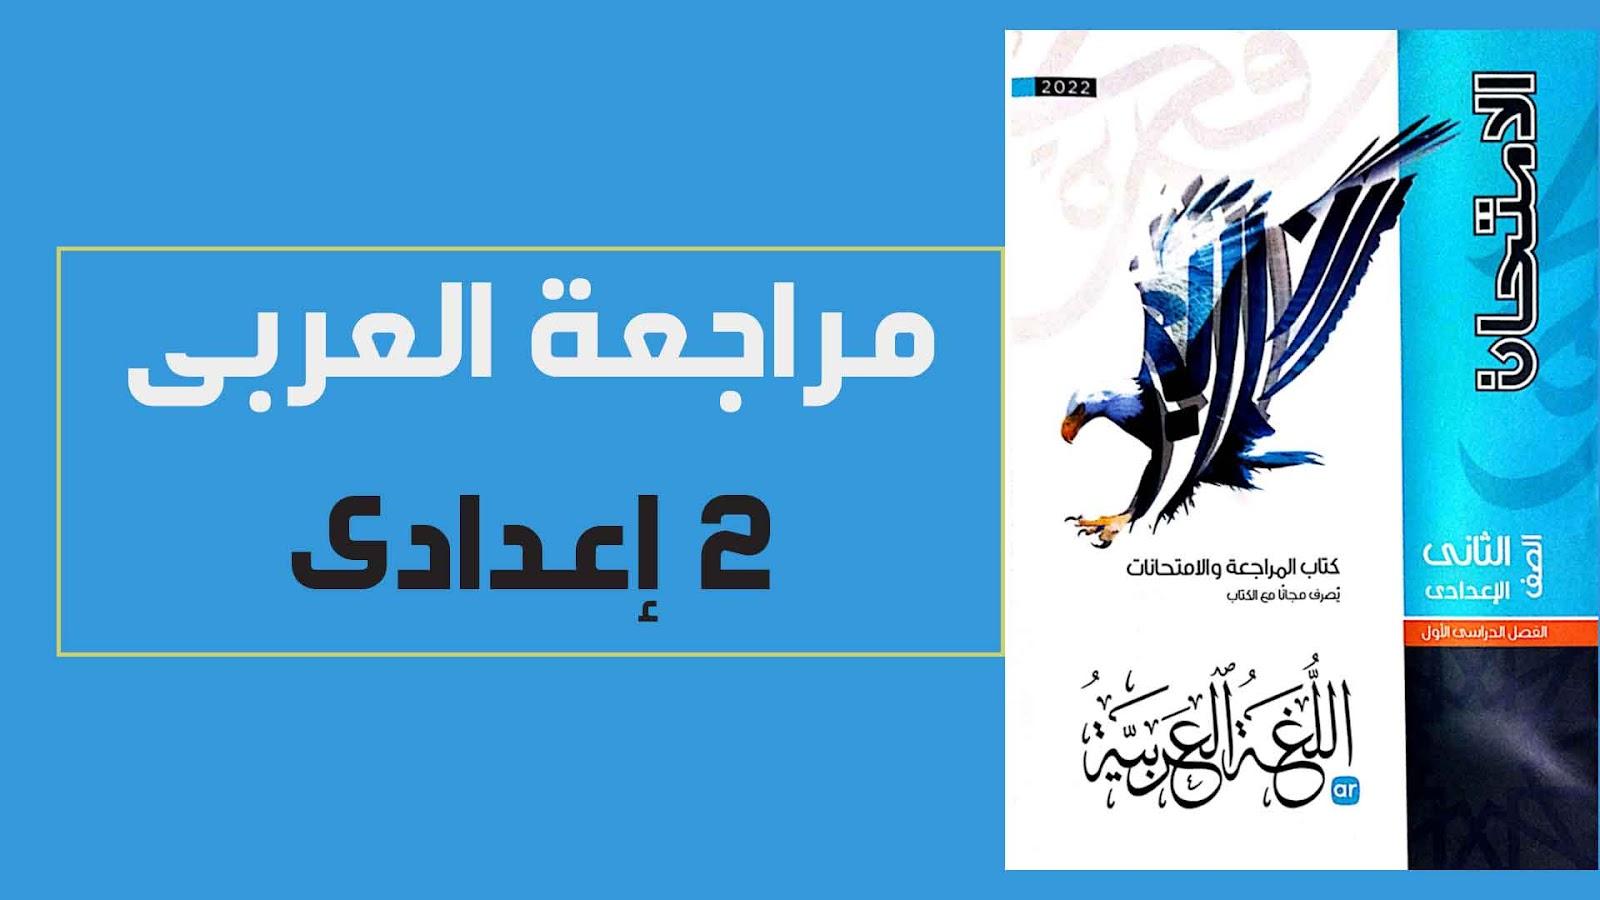 تحميل كتاب الامتحان فى اللغة العربية pdf (كتاب الإمتحانات والأسئلة ) للصف الثانى الاعدادى الترم الاول 2022 (النسخة الجديدة)